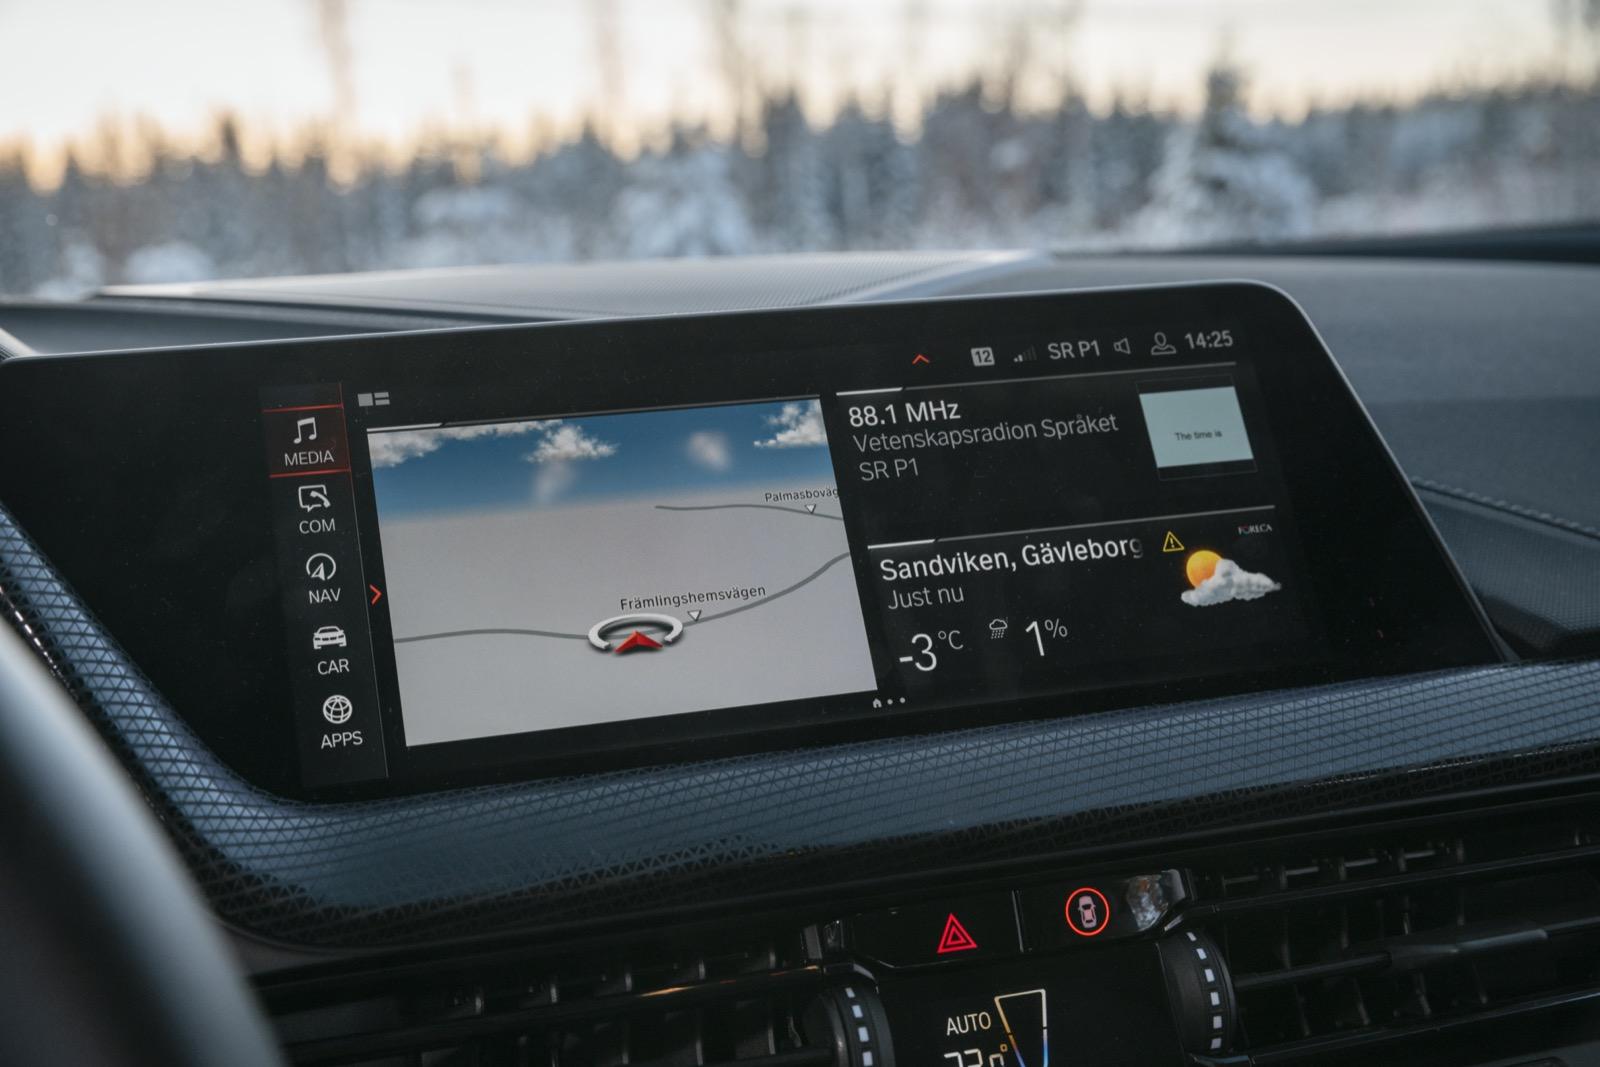 BMW har massor av undermenyer med allsköns typer av information. Geststyrning finns som tillval. Trådlösa uppdateringar utan att behöva vänta till service.